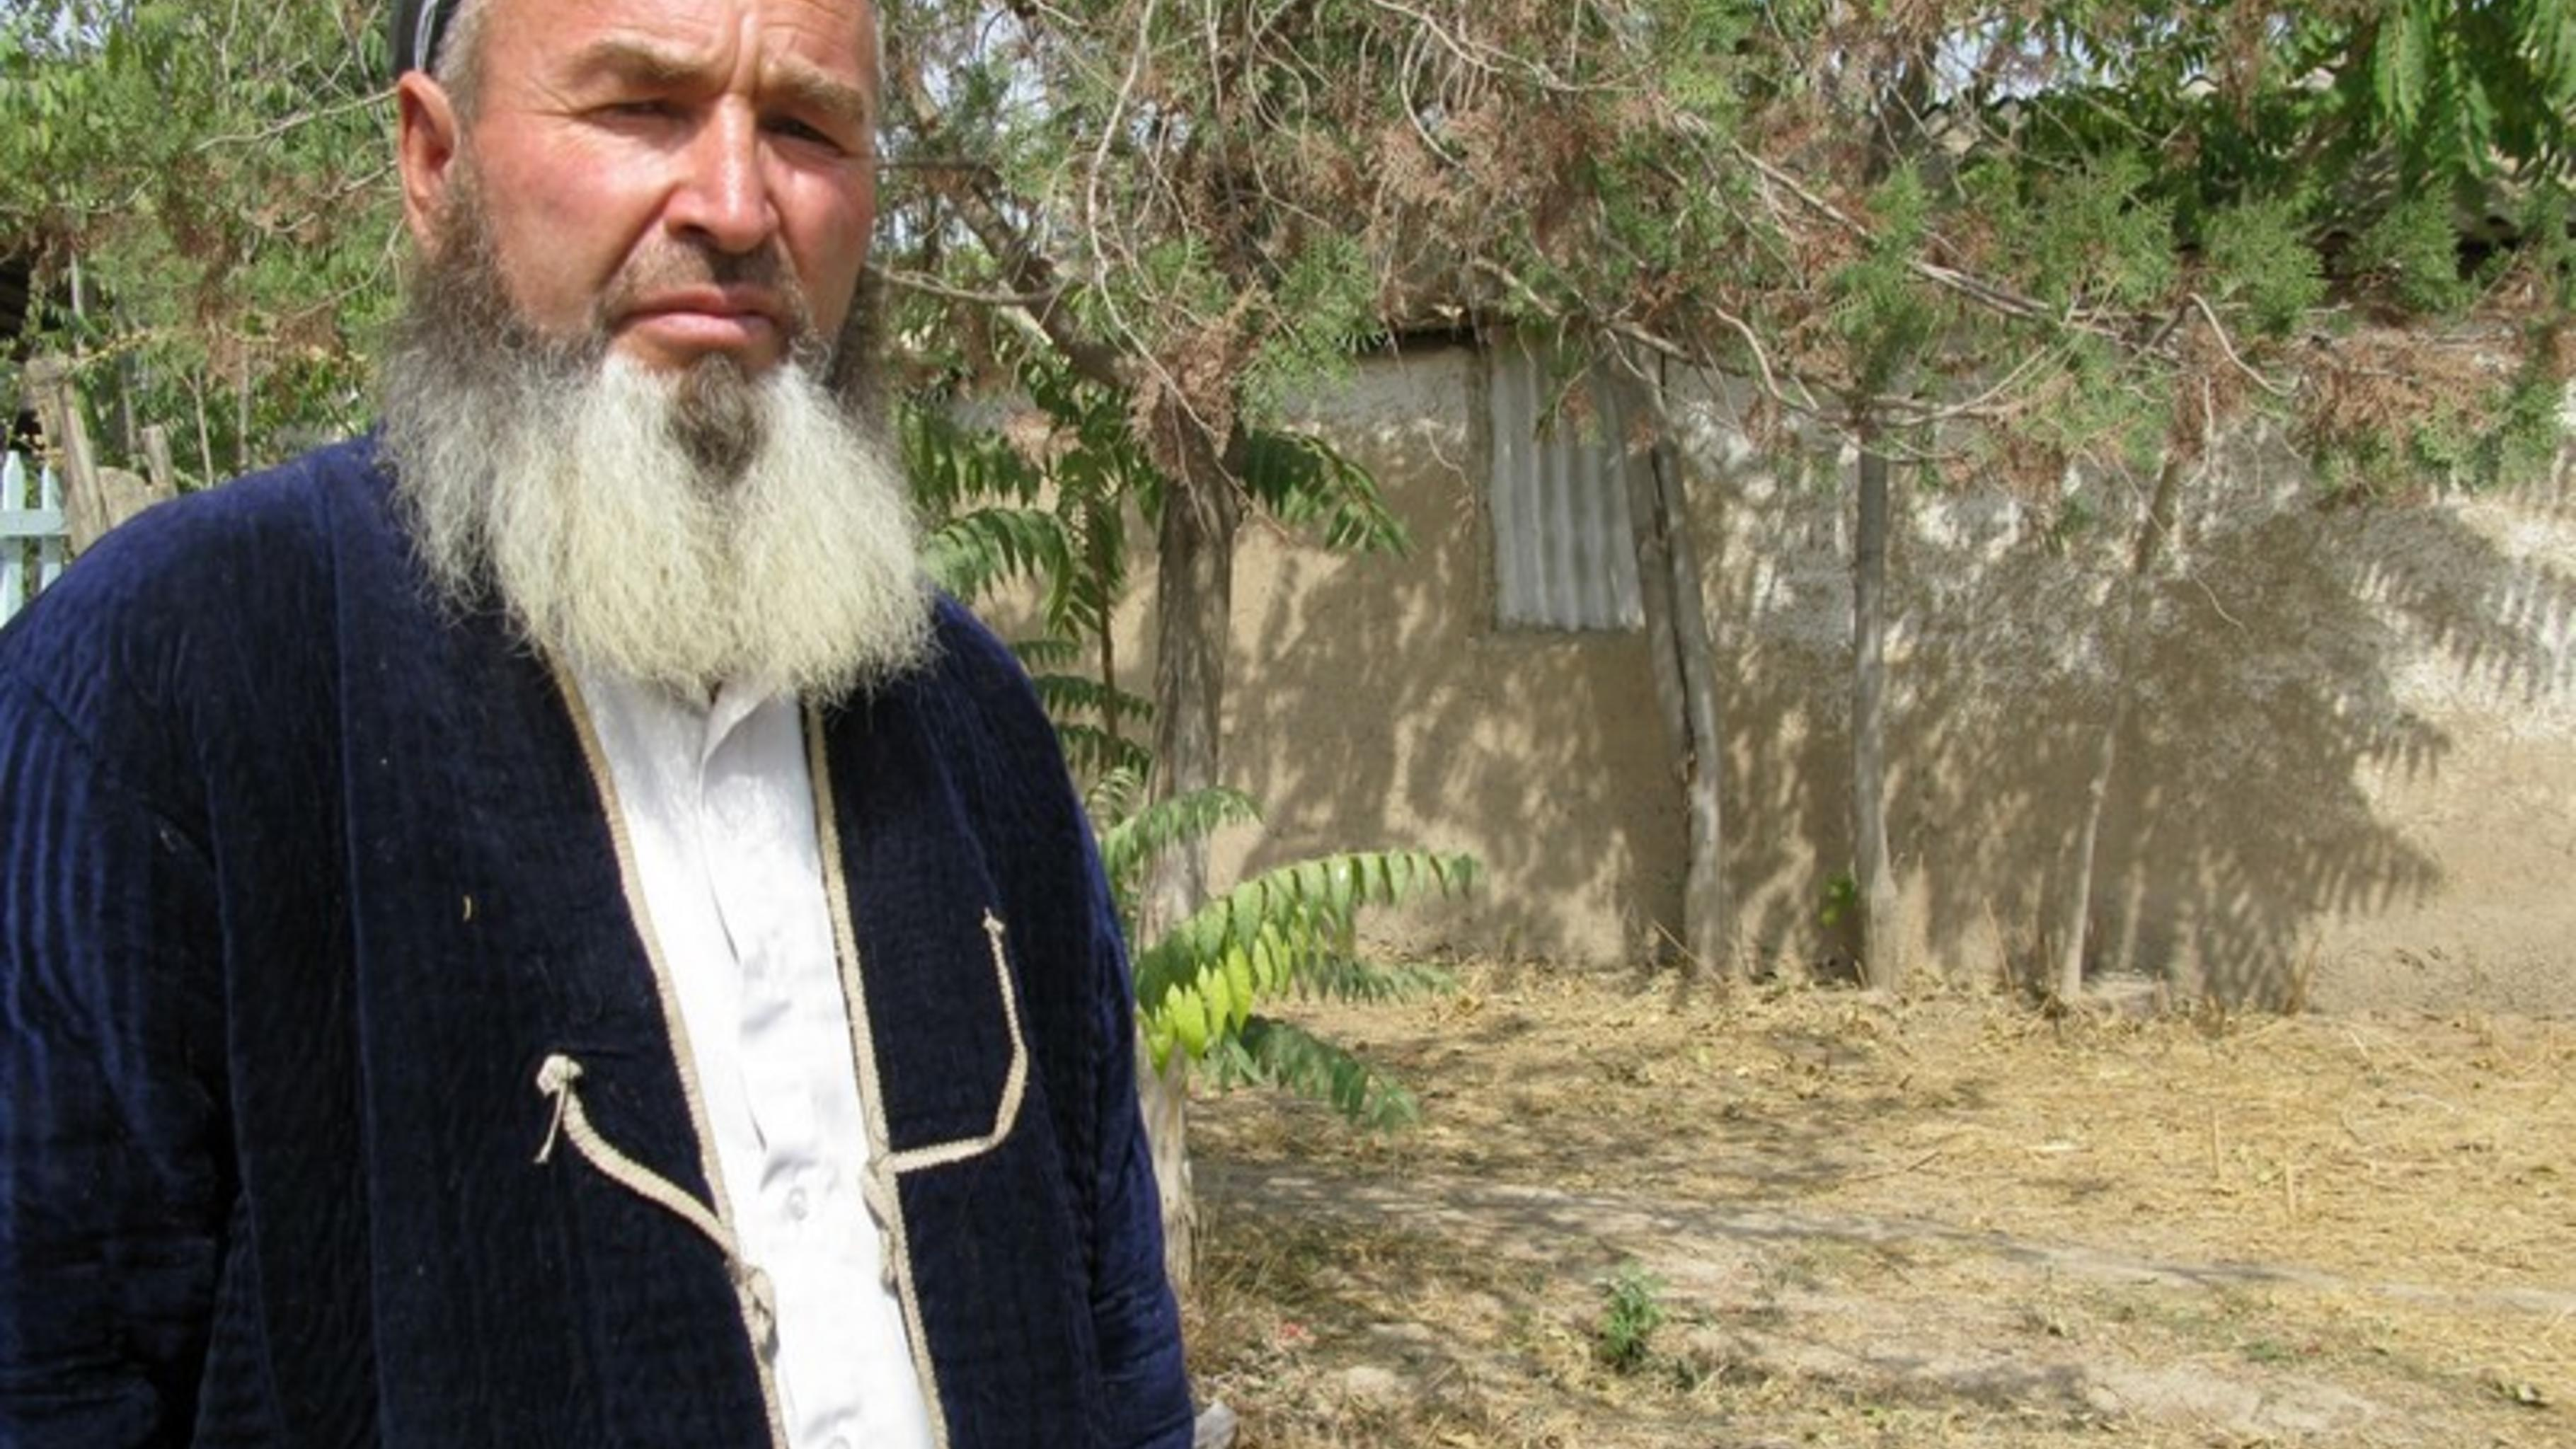 Shovaliev Nurali, ein Bauer aus dem Dorf Hansanbek im Distrikt Temurmalik.